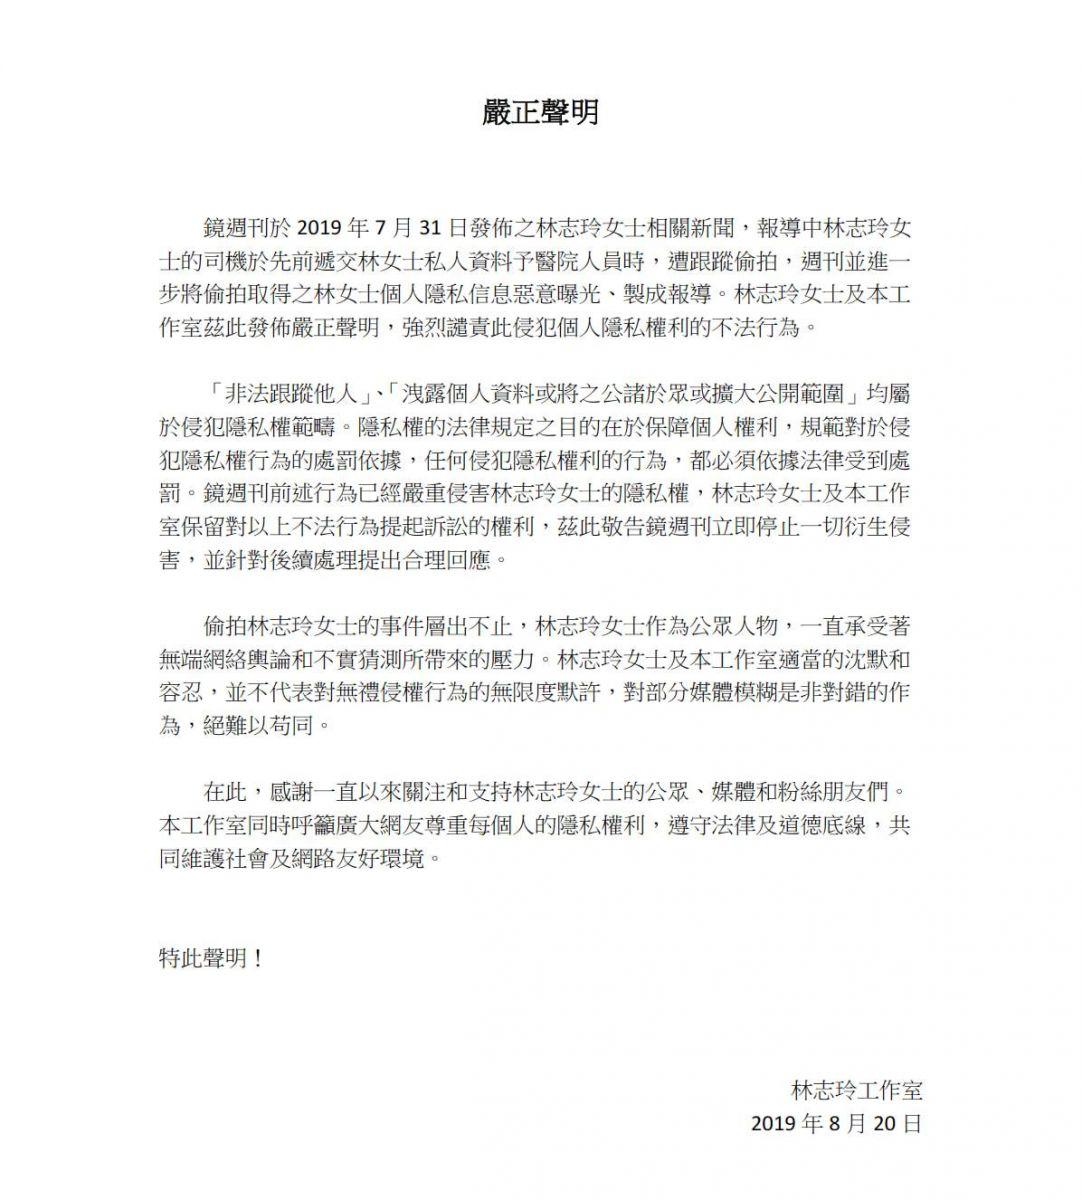 林志玲嚴正聲明全文。圖/林志玲臉書